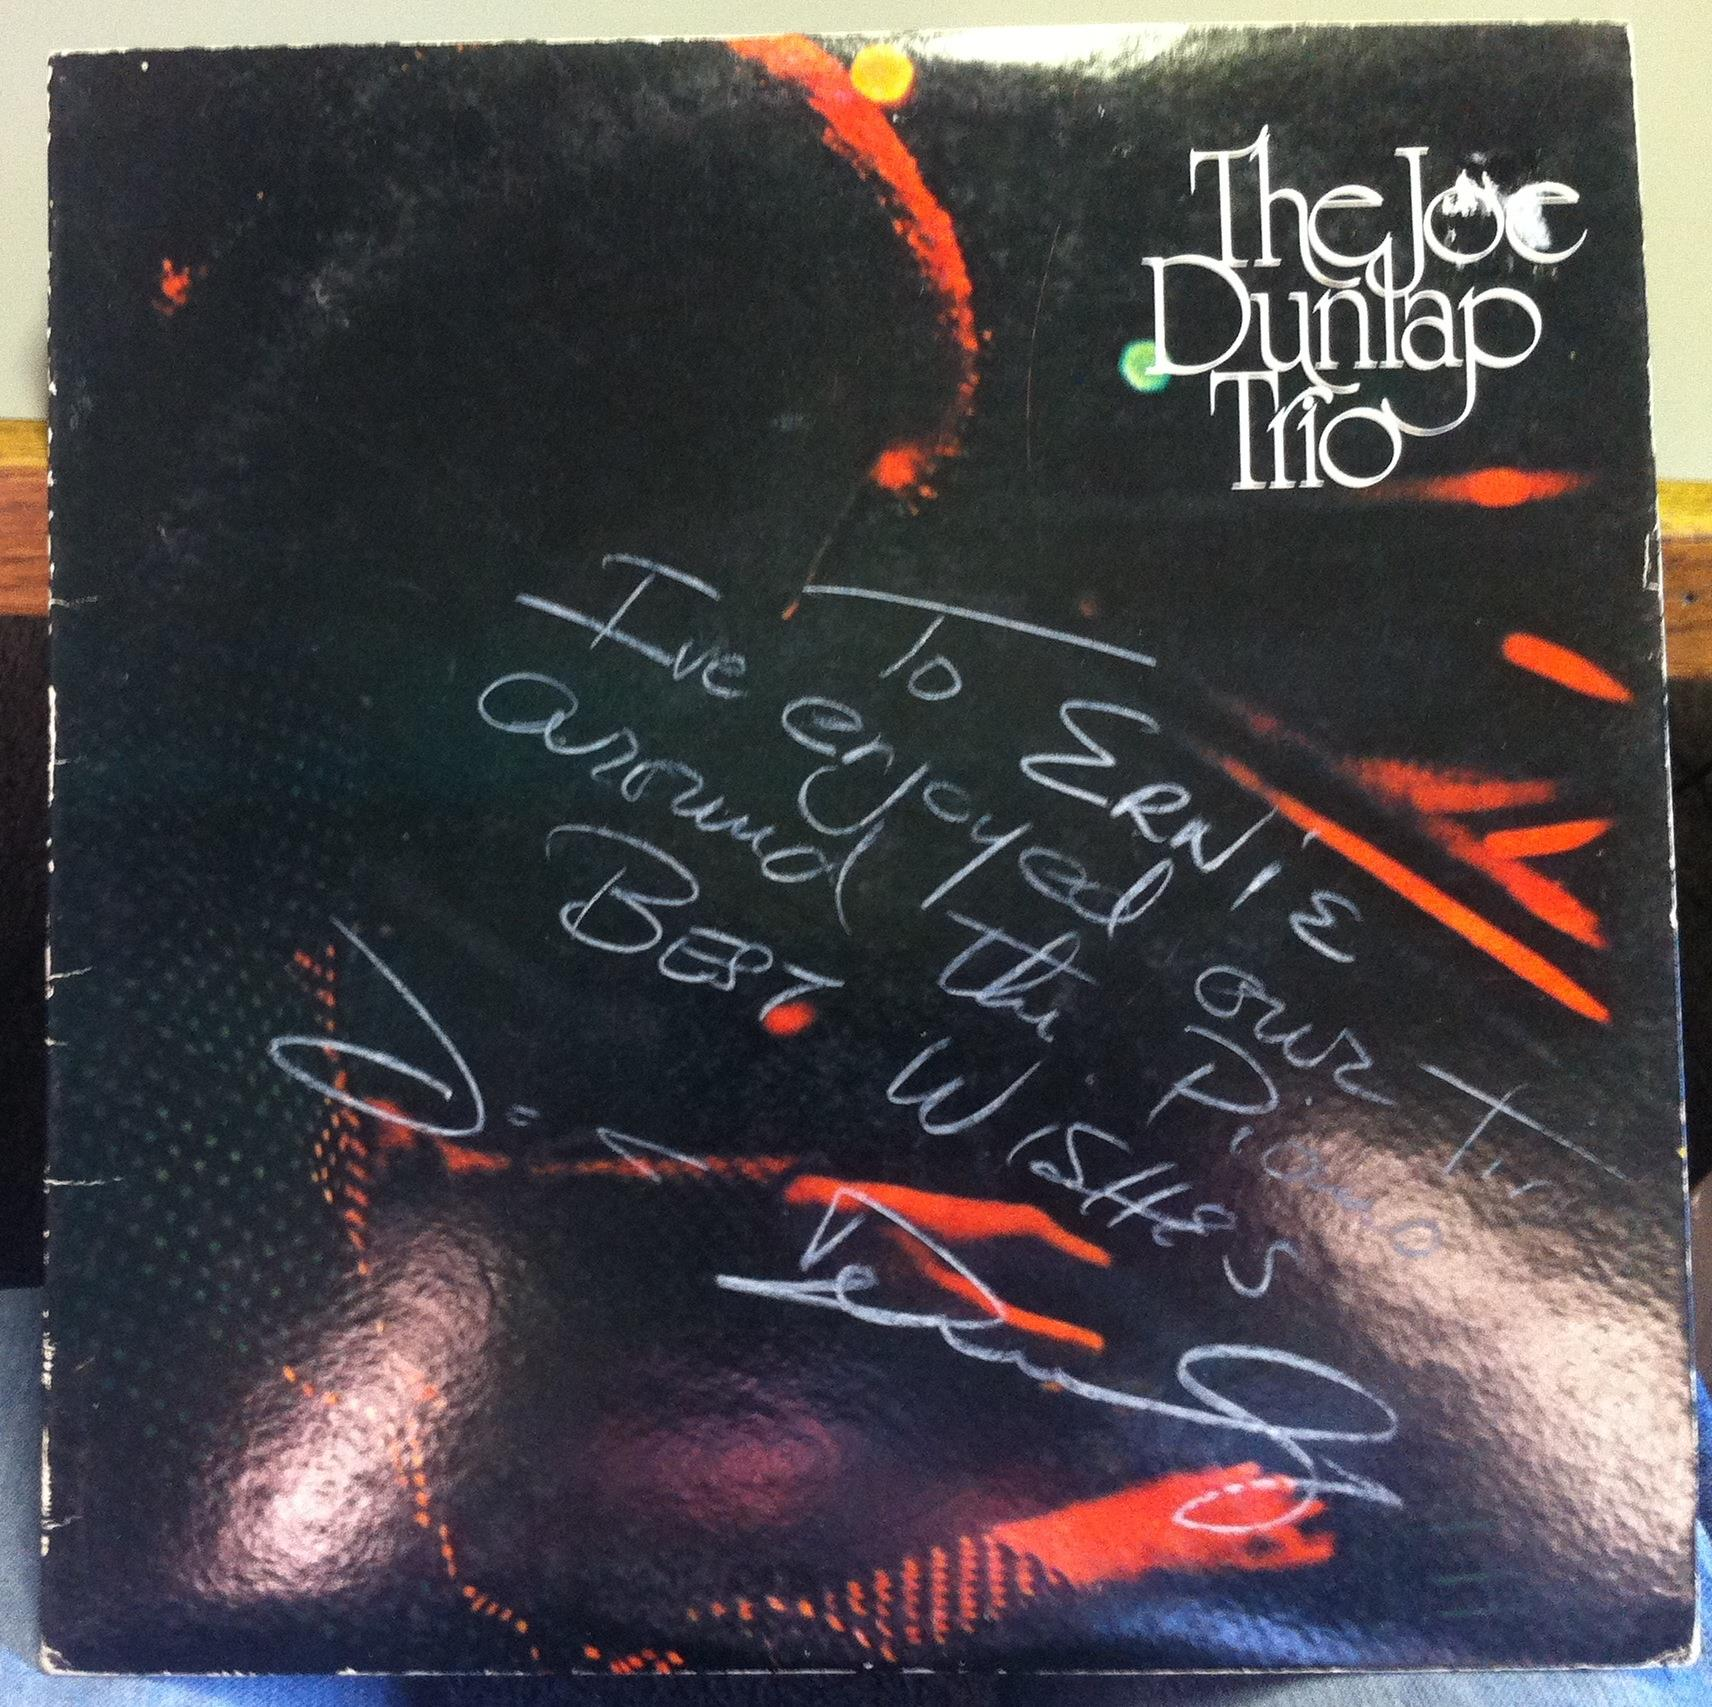 The Joe Dunlap Trio - The Joe Dunlap Trio